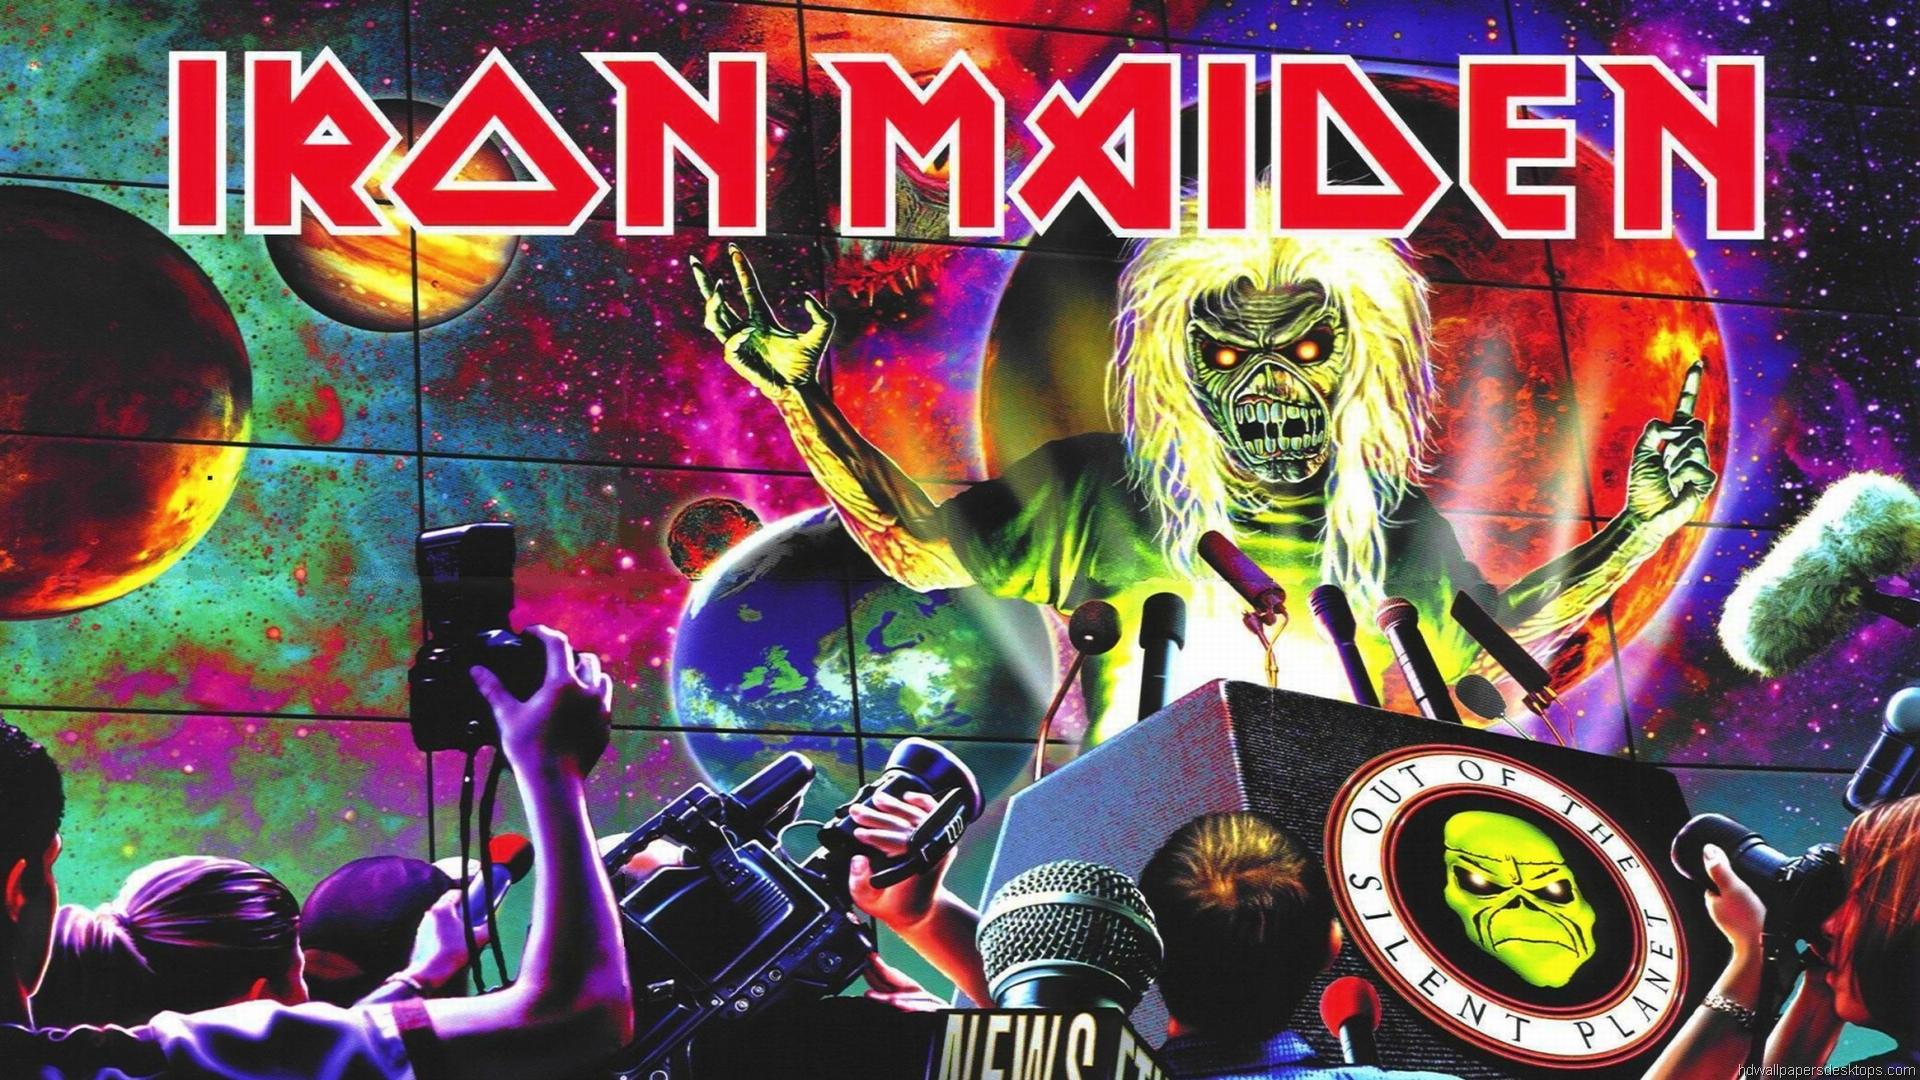 Iron Maiden Wallpaper HD Background 1920x1080